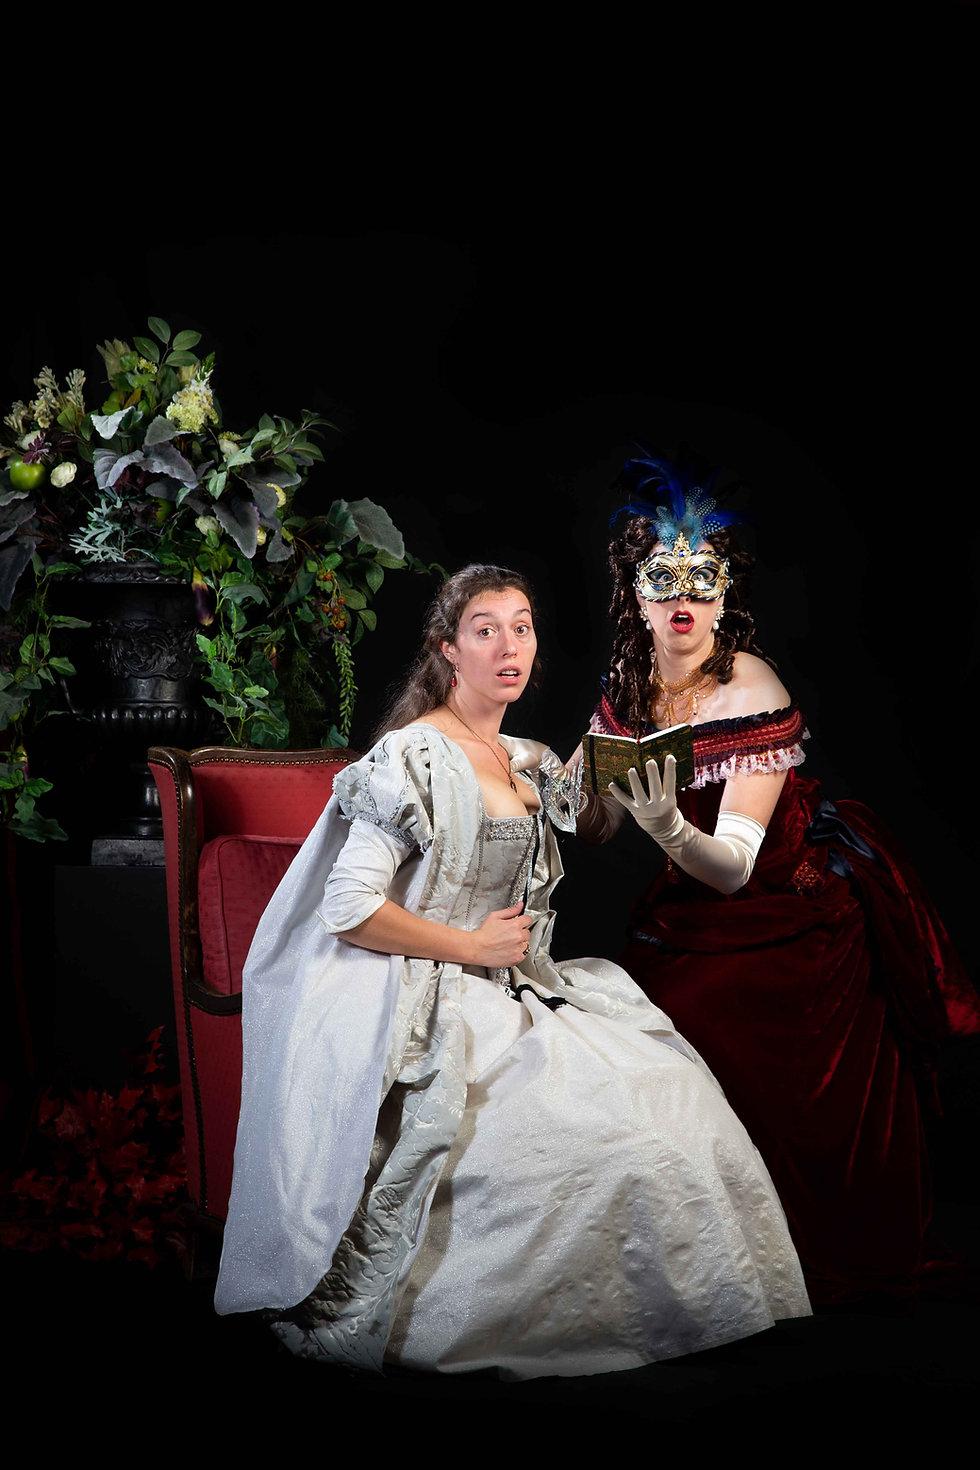 Dames in historische theaterkledij voor venetiaans bal - Avothea Gent